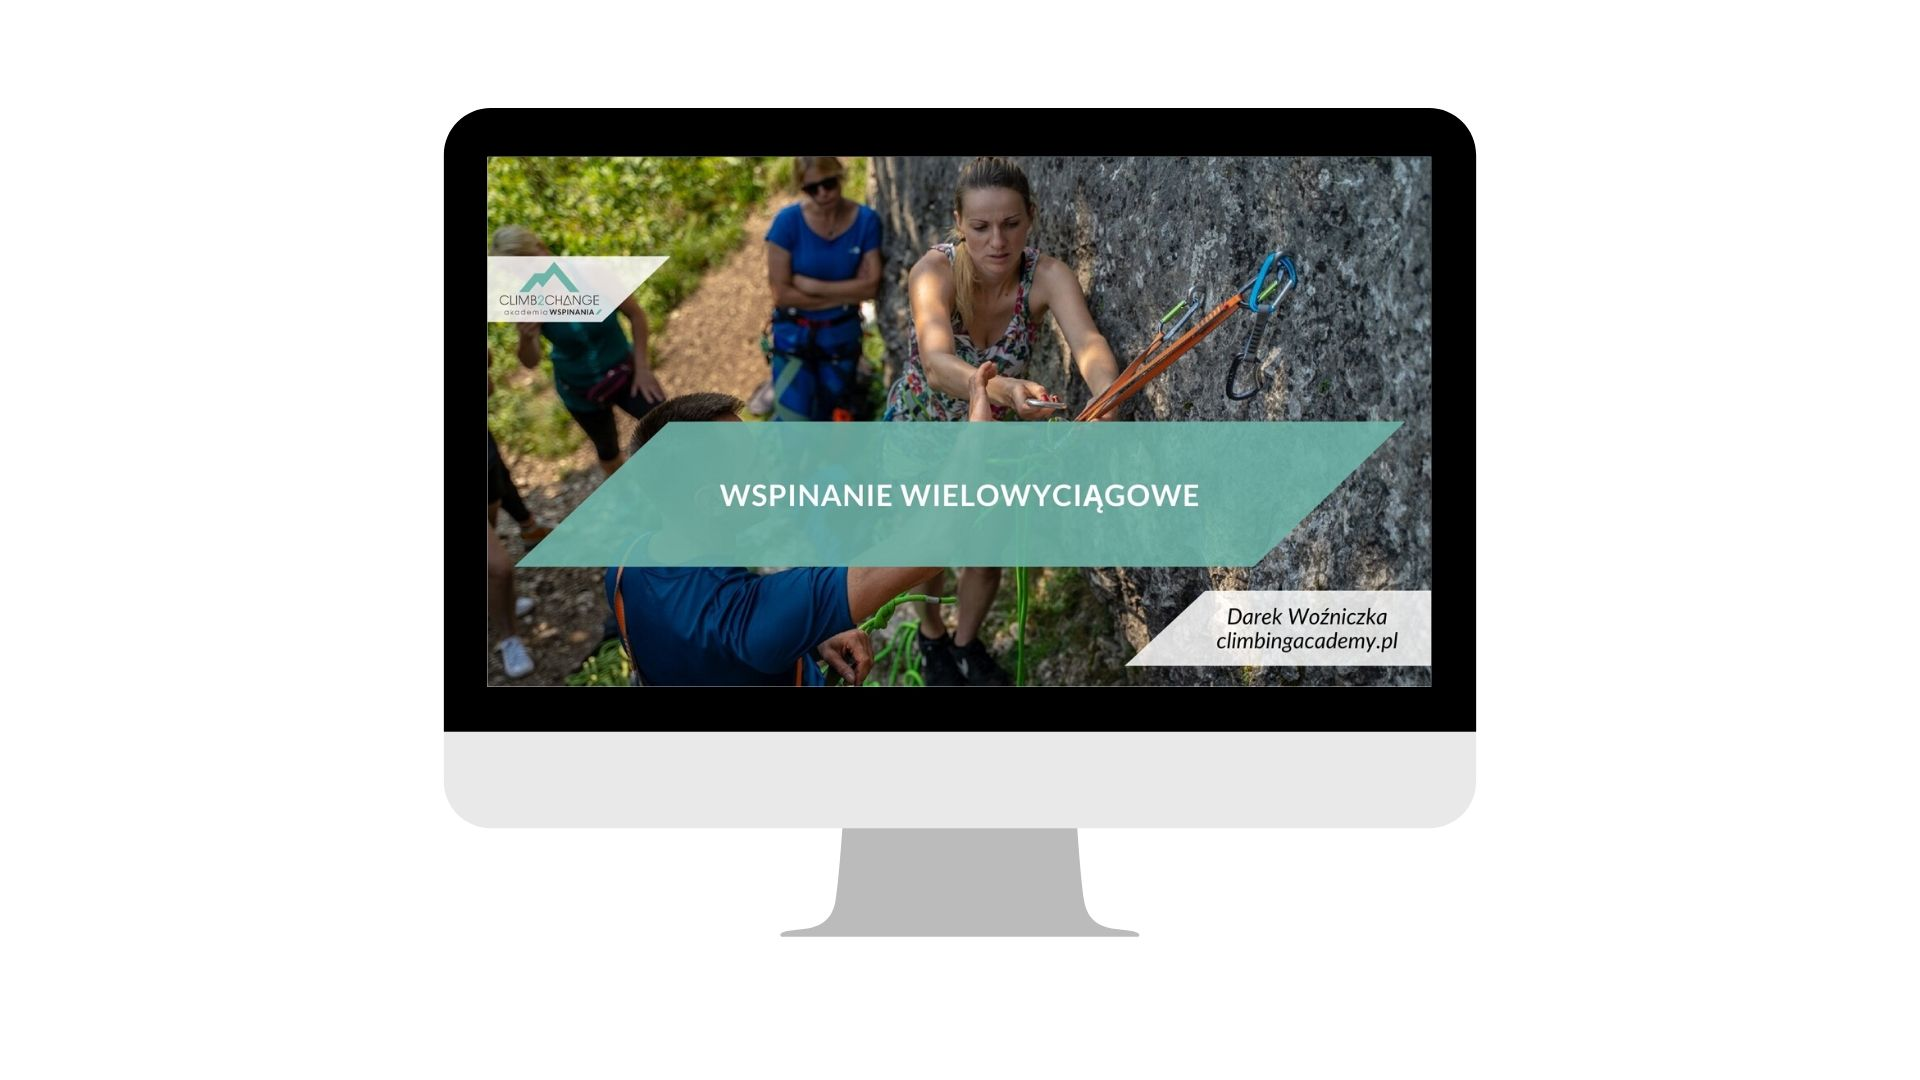 wspinanie-wielowyciagowe-szkolenie-online-cover-climb2change